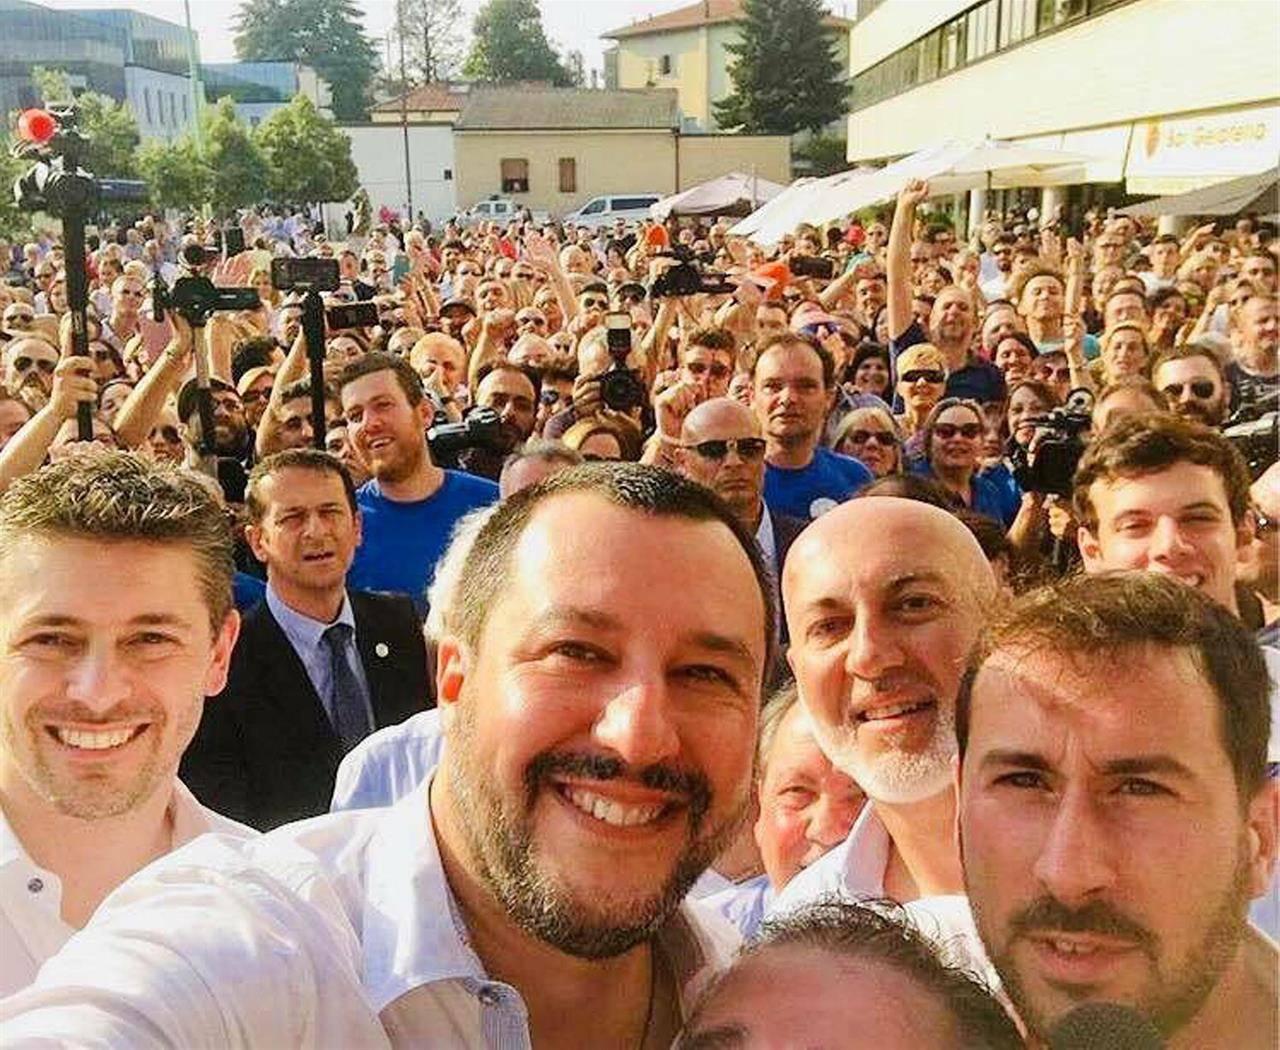 Salvini seguaci crisi governo - Leggilo